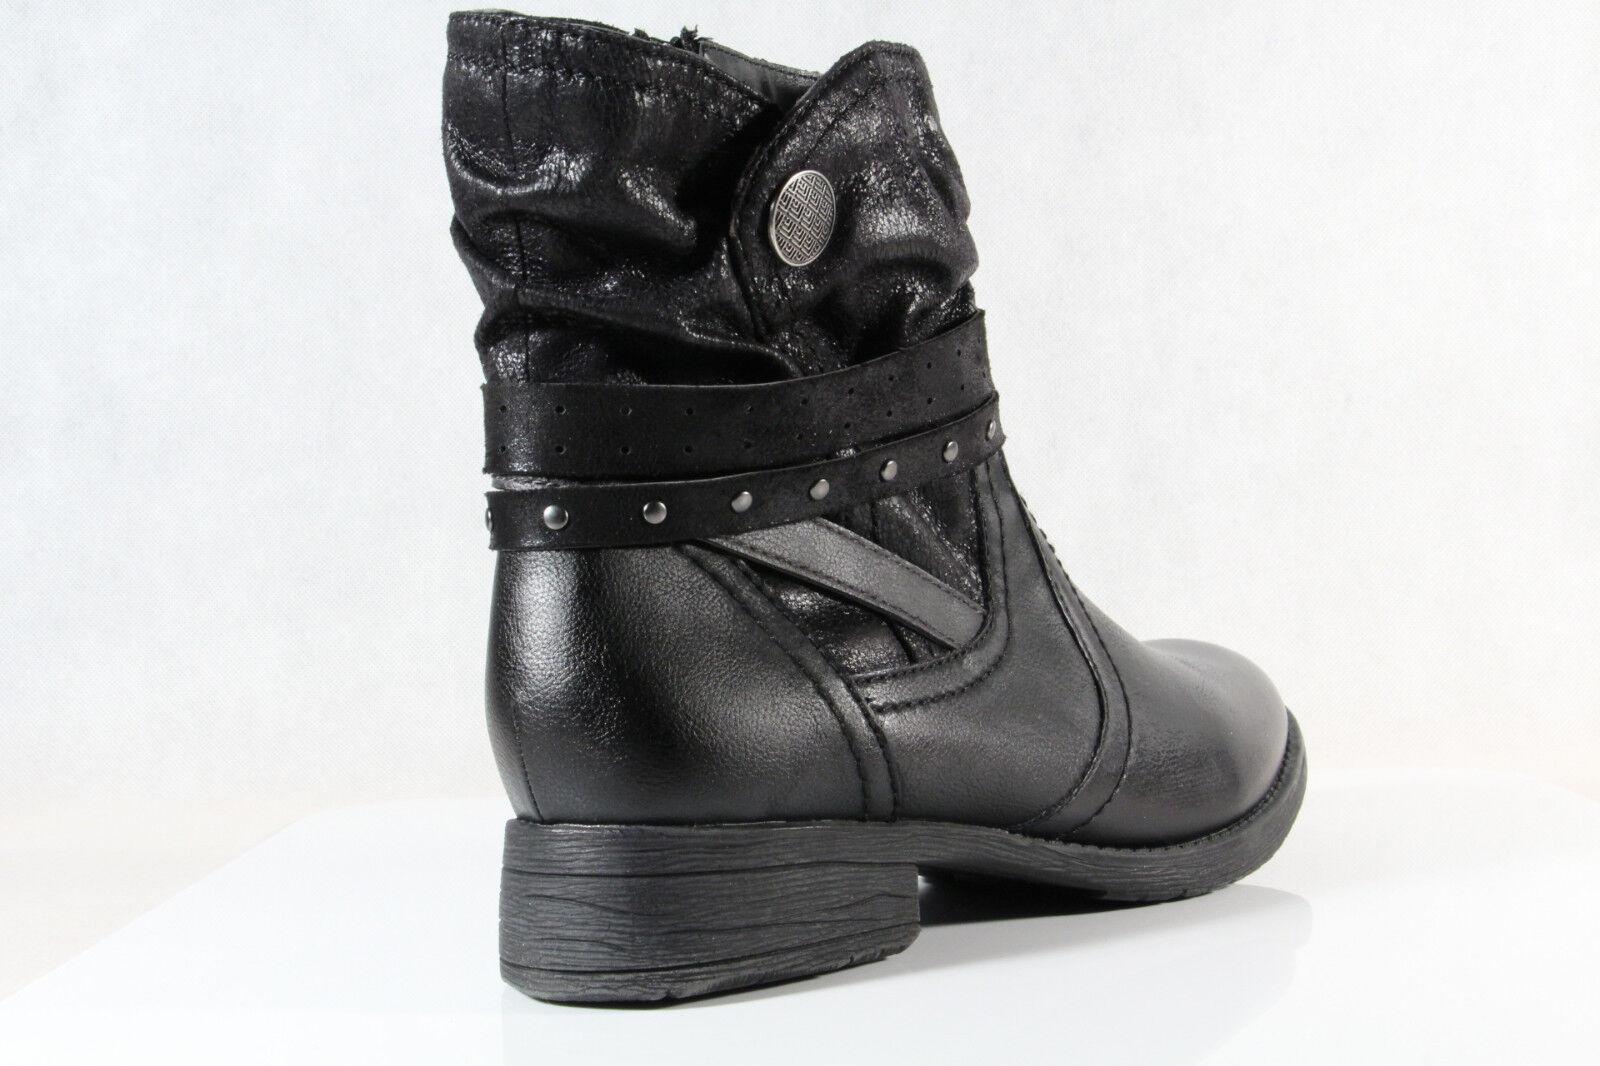 newest 6d42b c389b Jana Stiefel Winterstiefel Schnürstiefel Boots schwarz 25465 Weite H NEU